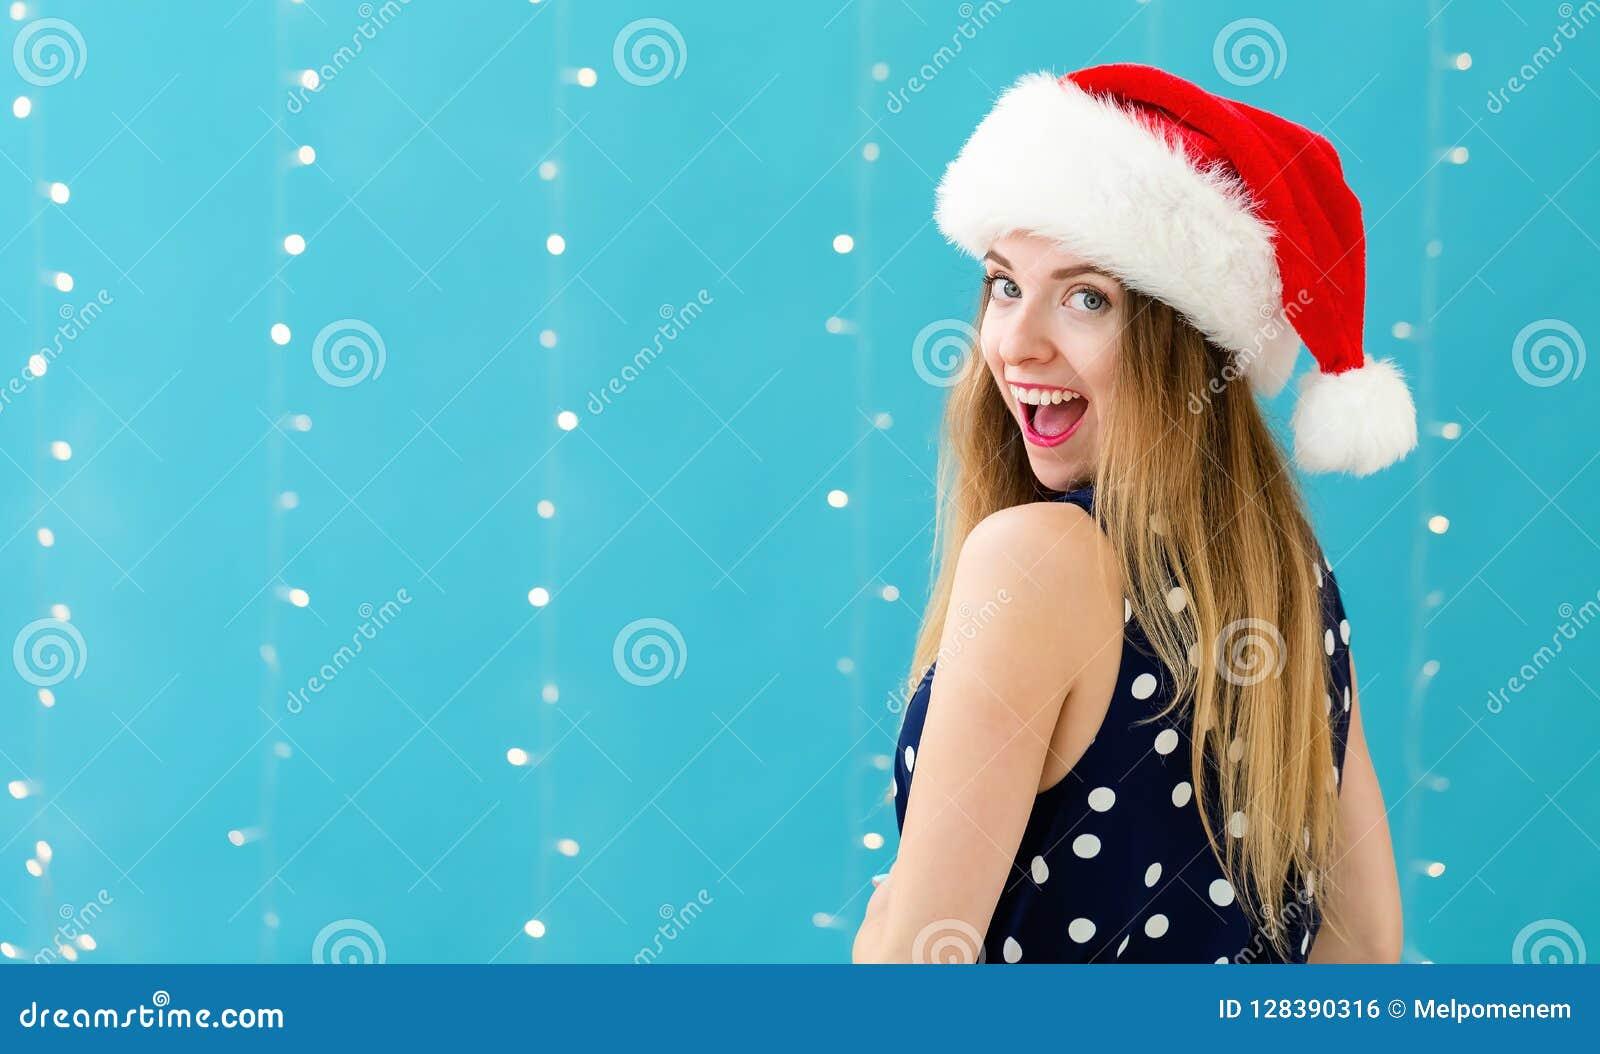 Mujer Feliz Con Un Sombrero De Papá Noel Foto de archivo - Imagen de ... c5b45973577